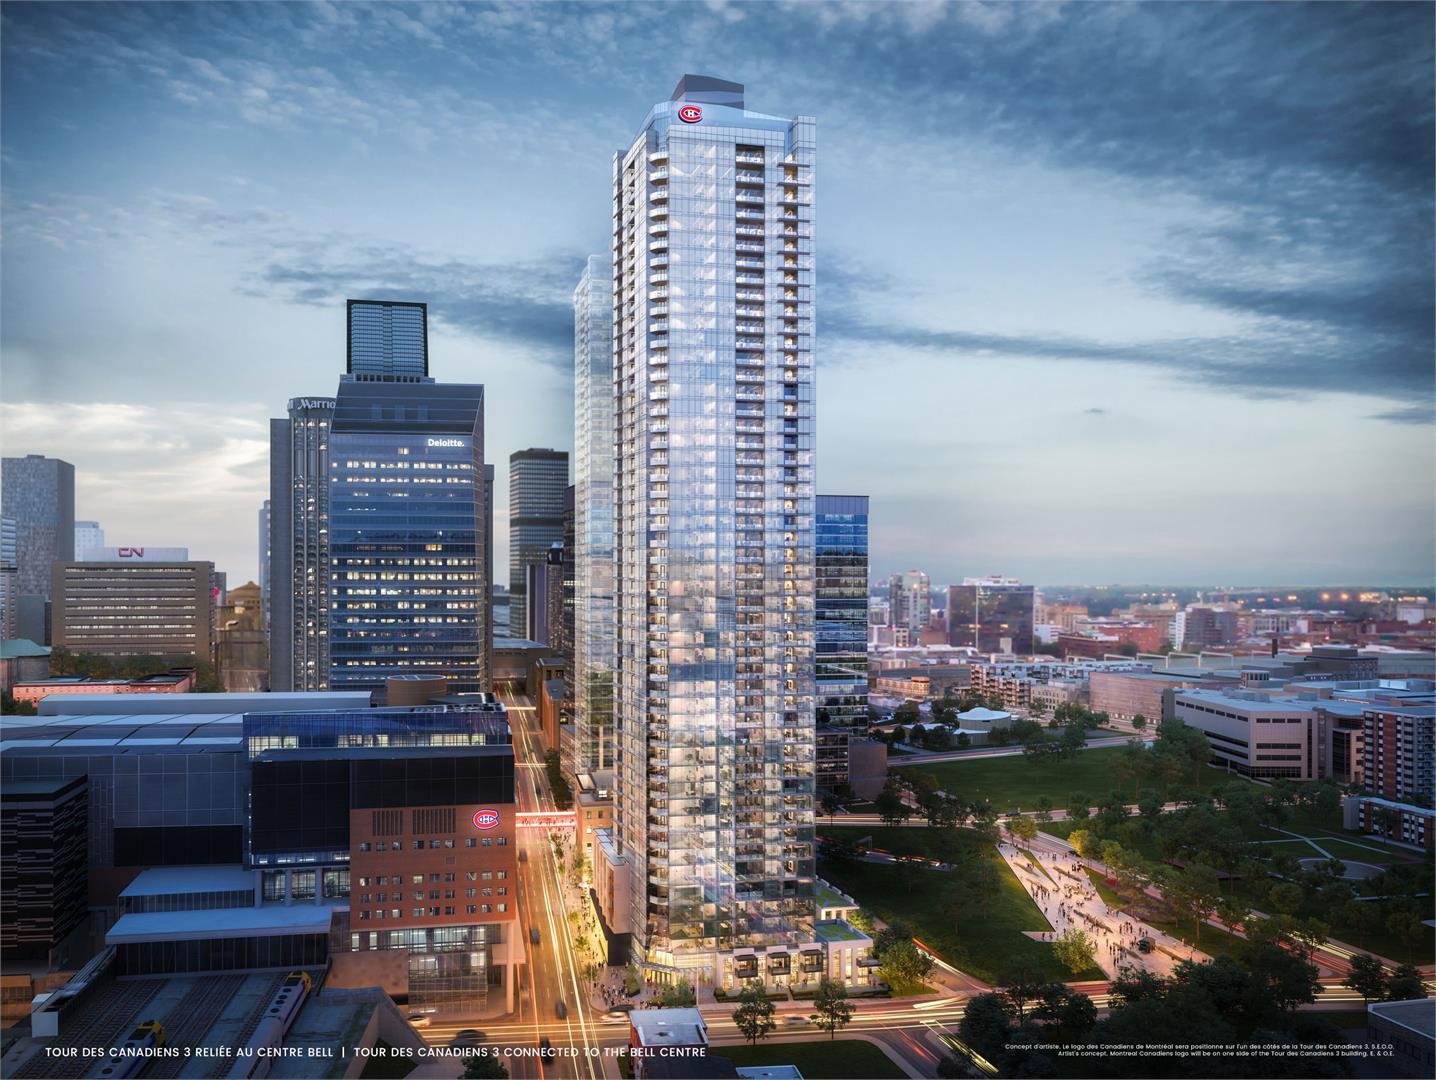 Tour des Canadiens 3 | 55 floors | 168M/551Ft - SkyscraperCity